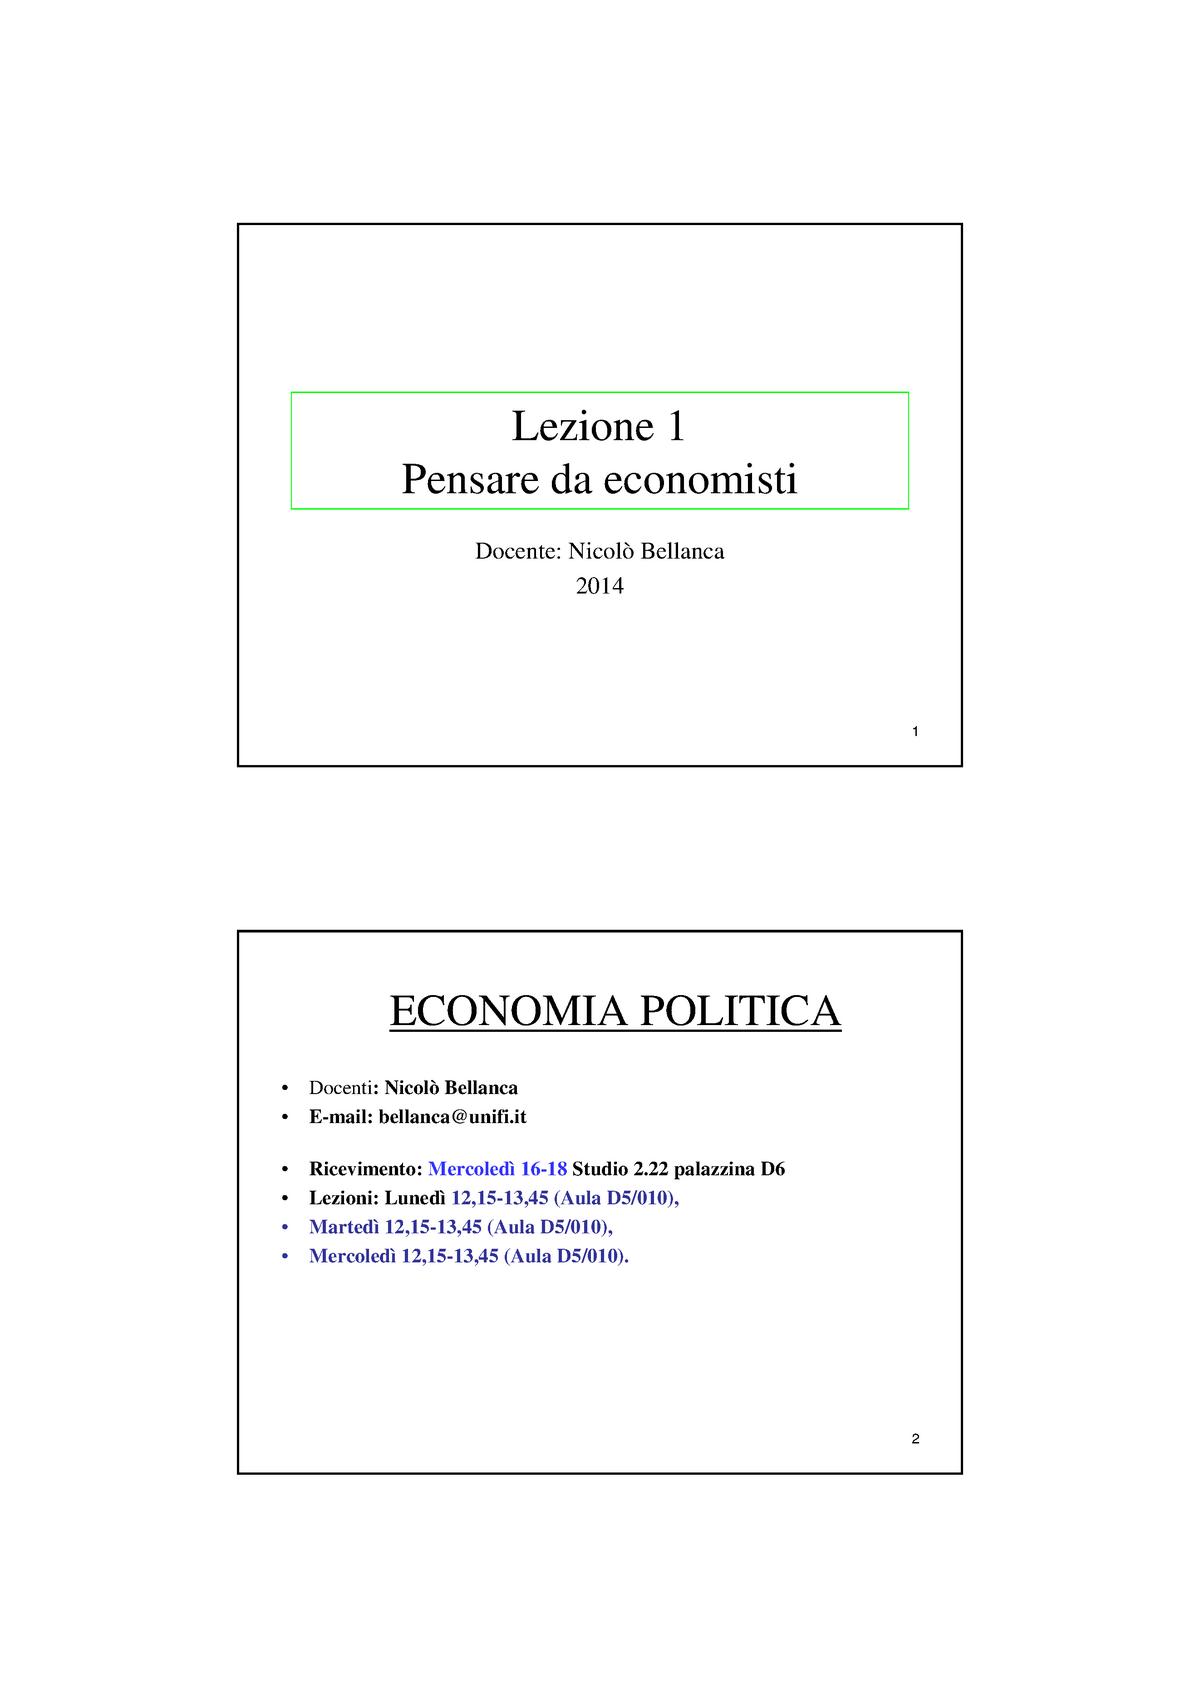 Calendario Unifi Economia.Lezione 1 Pensare Da Economisti Economia Politica 0055002